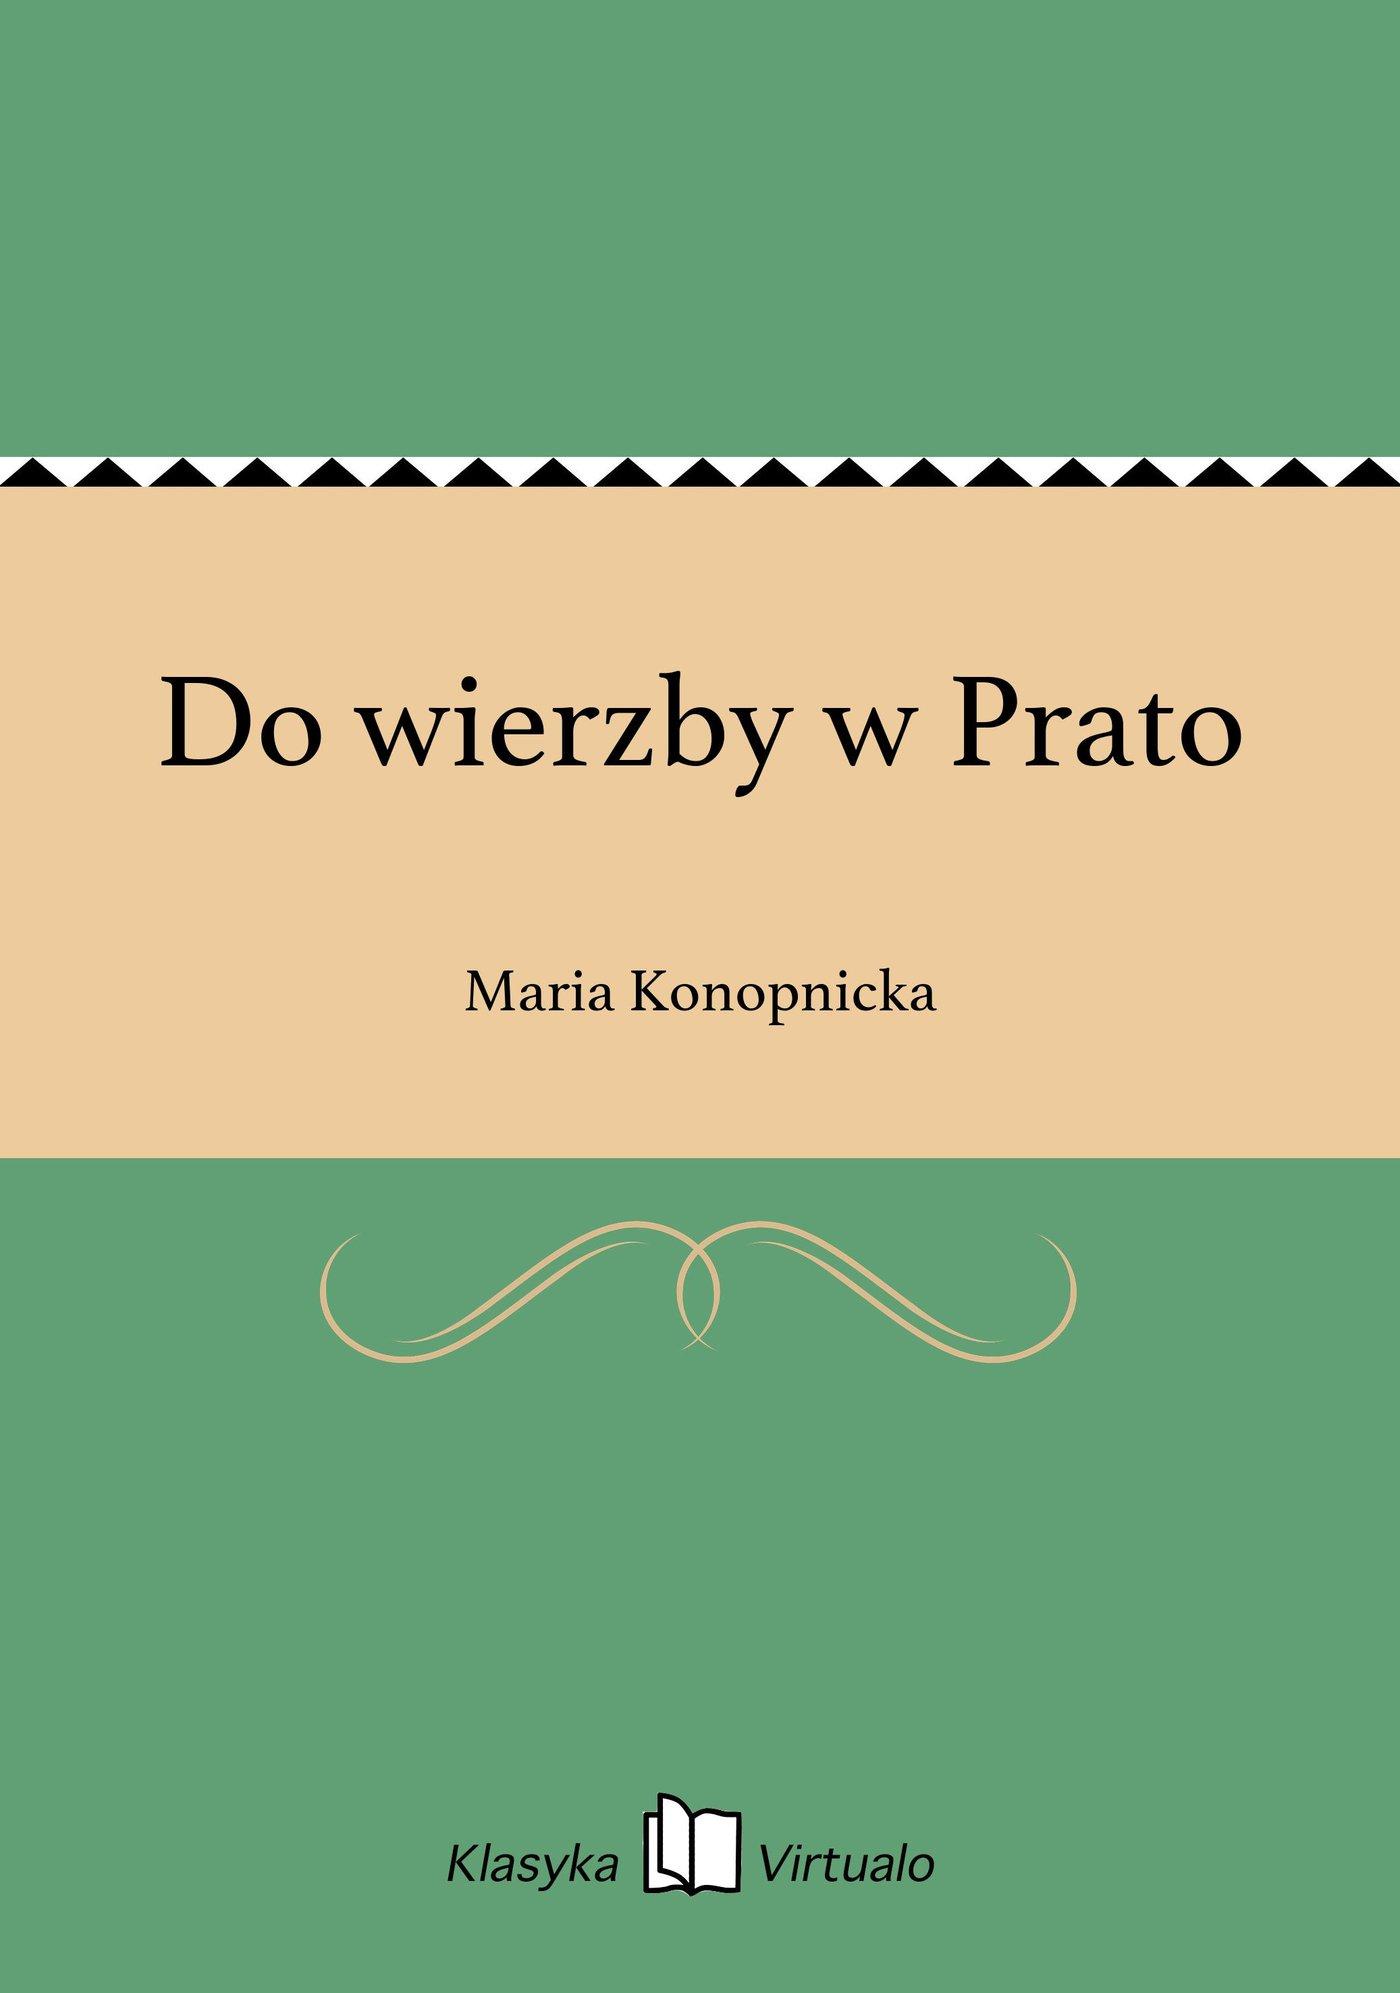 Do wierzby w Prato - Ebook (Książka EPUB) do pobrania w formacie EPUB